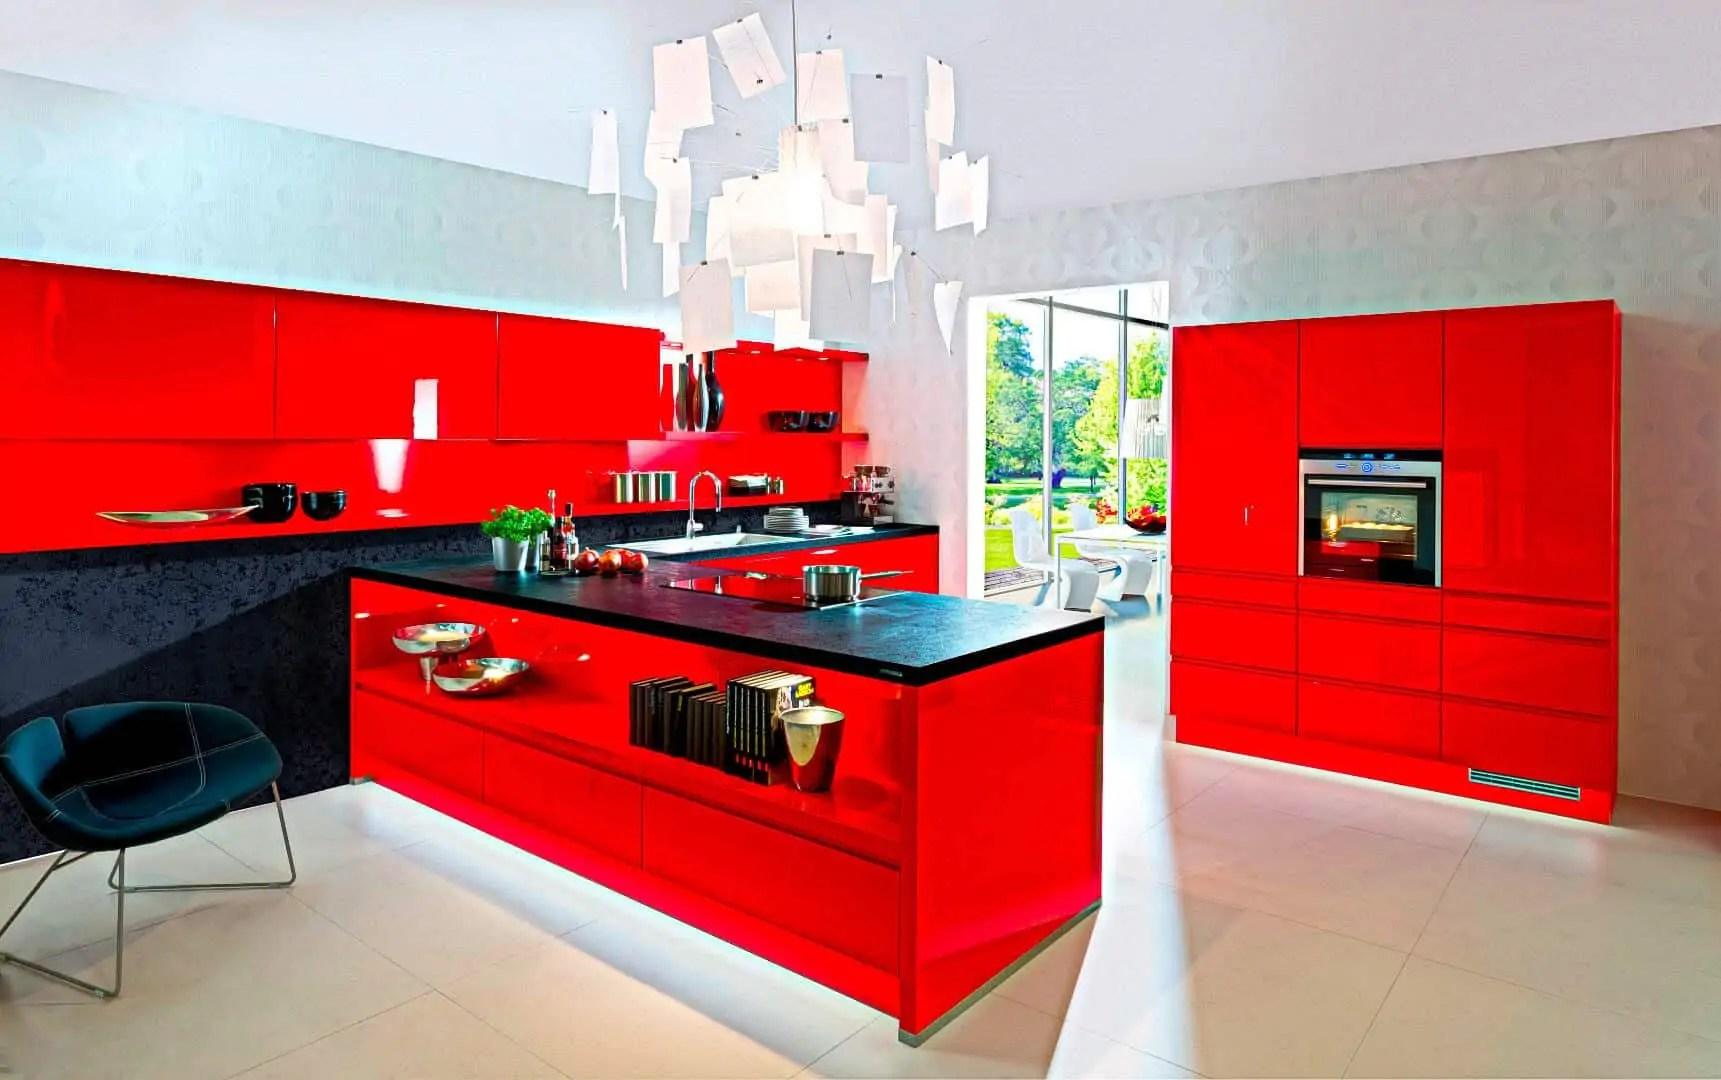 k chen farben farbe in der k che 30 ideen f r wandfarben und fronten. Black Bedroom Furniture Sets. Home Design Ideas